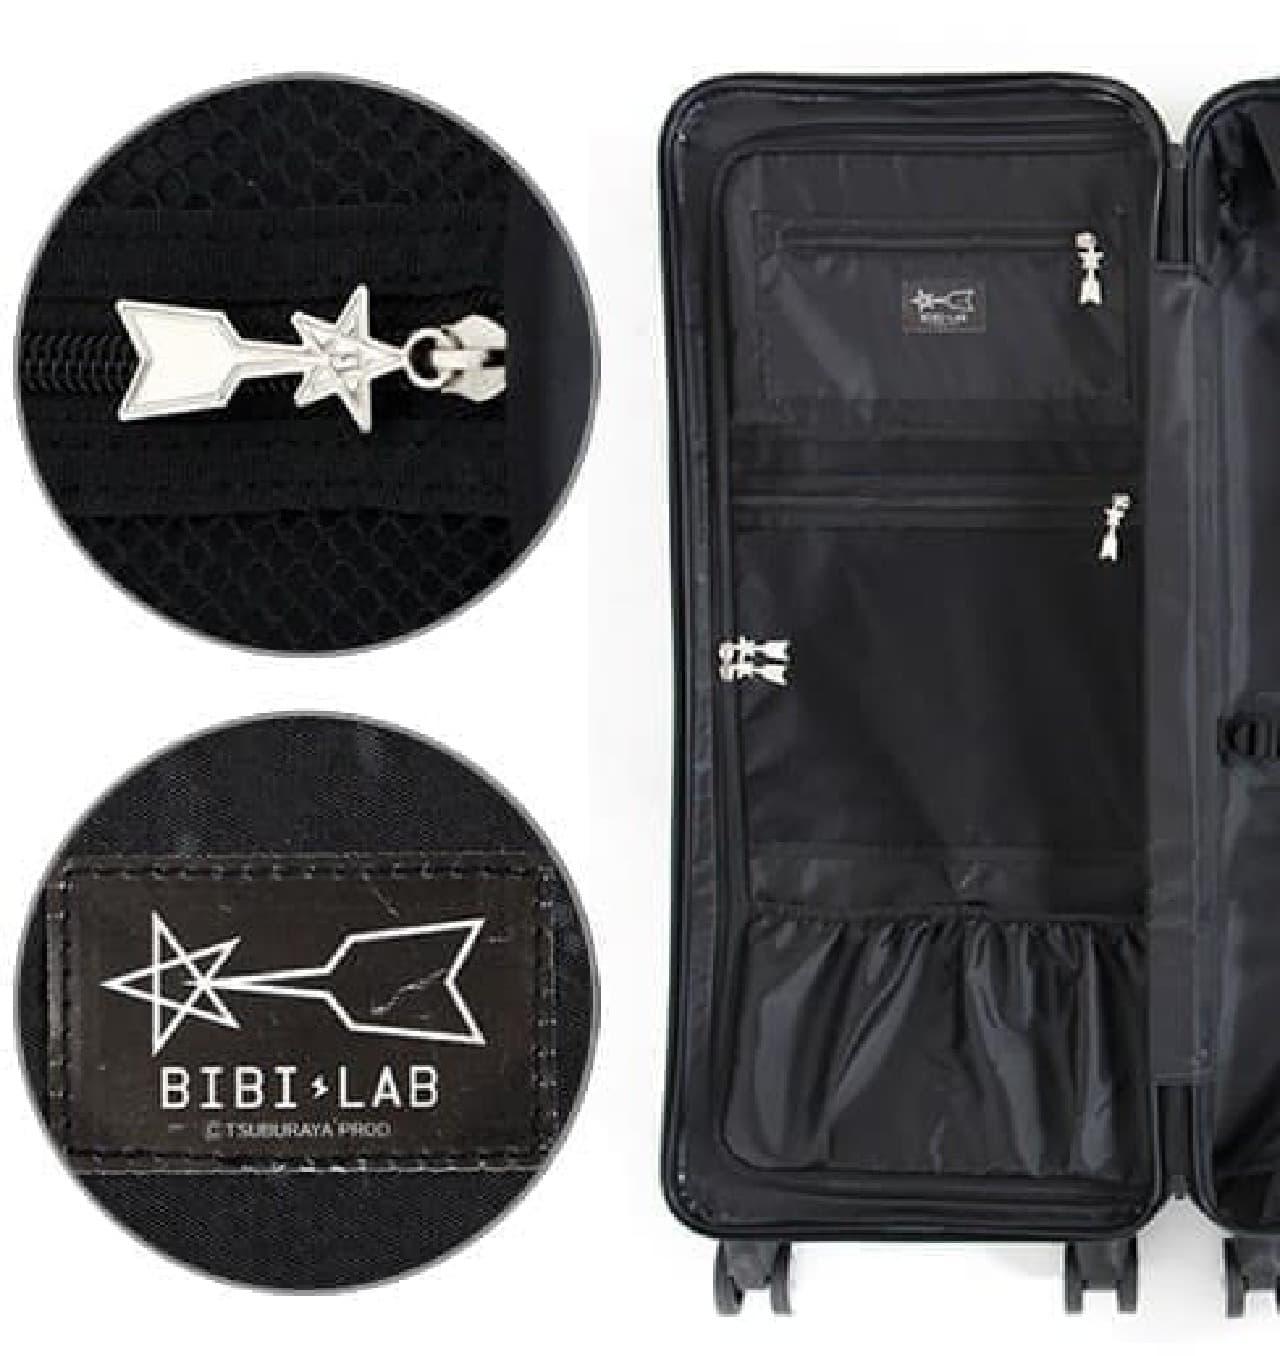 科学特捜隊のシンボル「流星マーク」が採用された「スリムスーツケース ULTRAMAN」のジッパーや内側のタグ